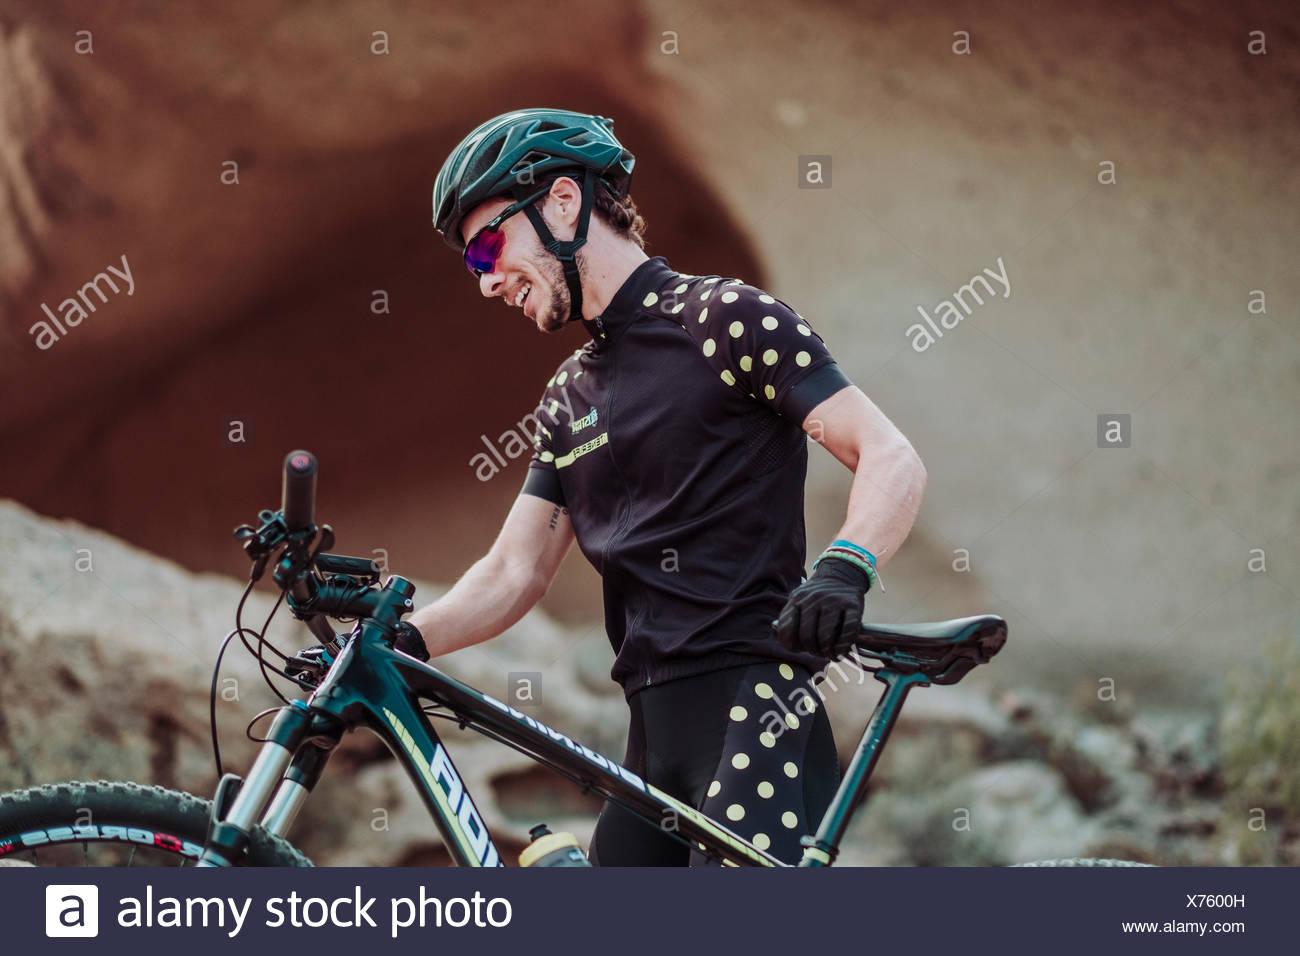 Hombre caminando en el desierto con su bicicleta de montaña, Tenerife, Islas Canarias, España Foto de stock